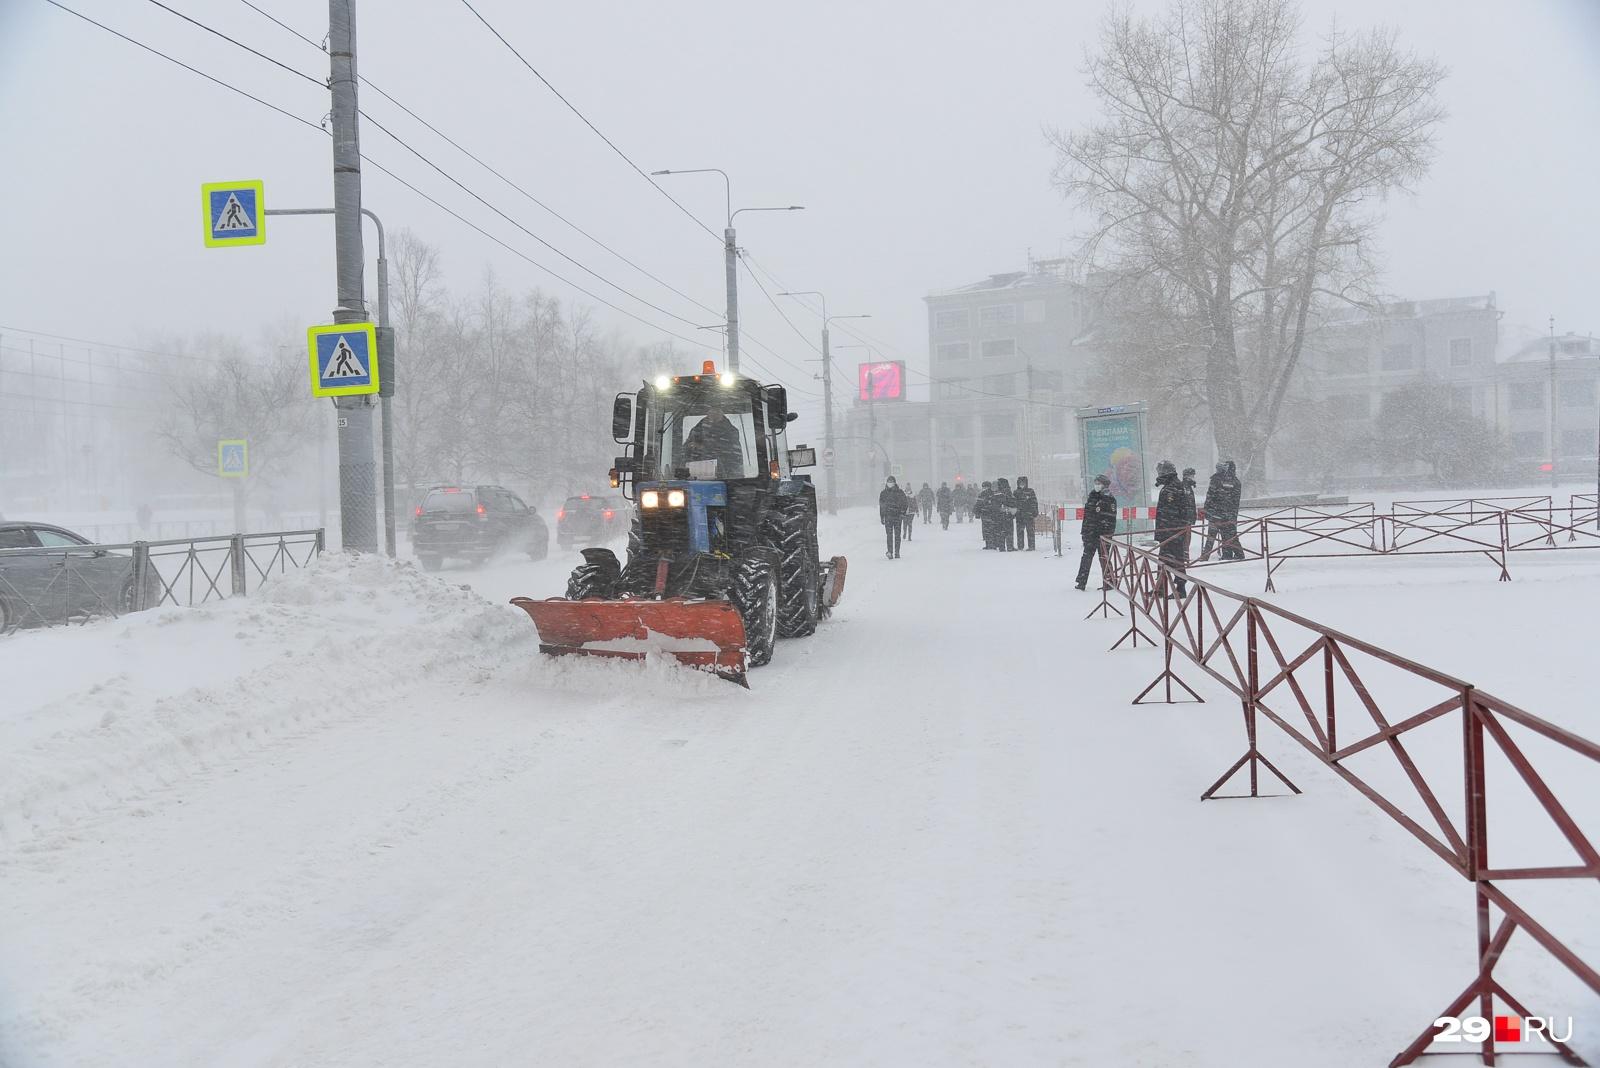 В день митинга на площади начались работы по демонтажу новогодних украшений